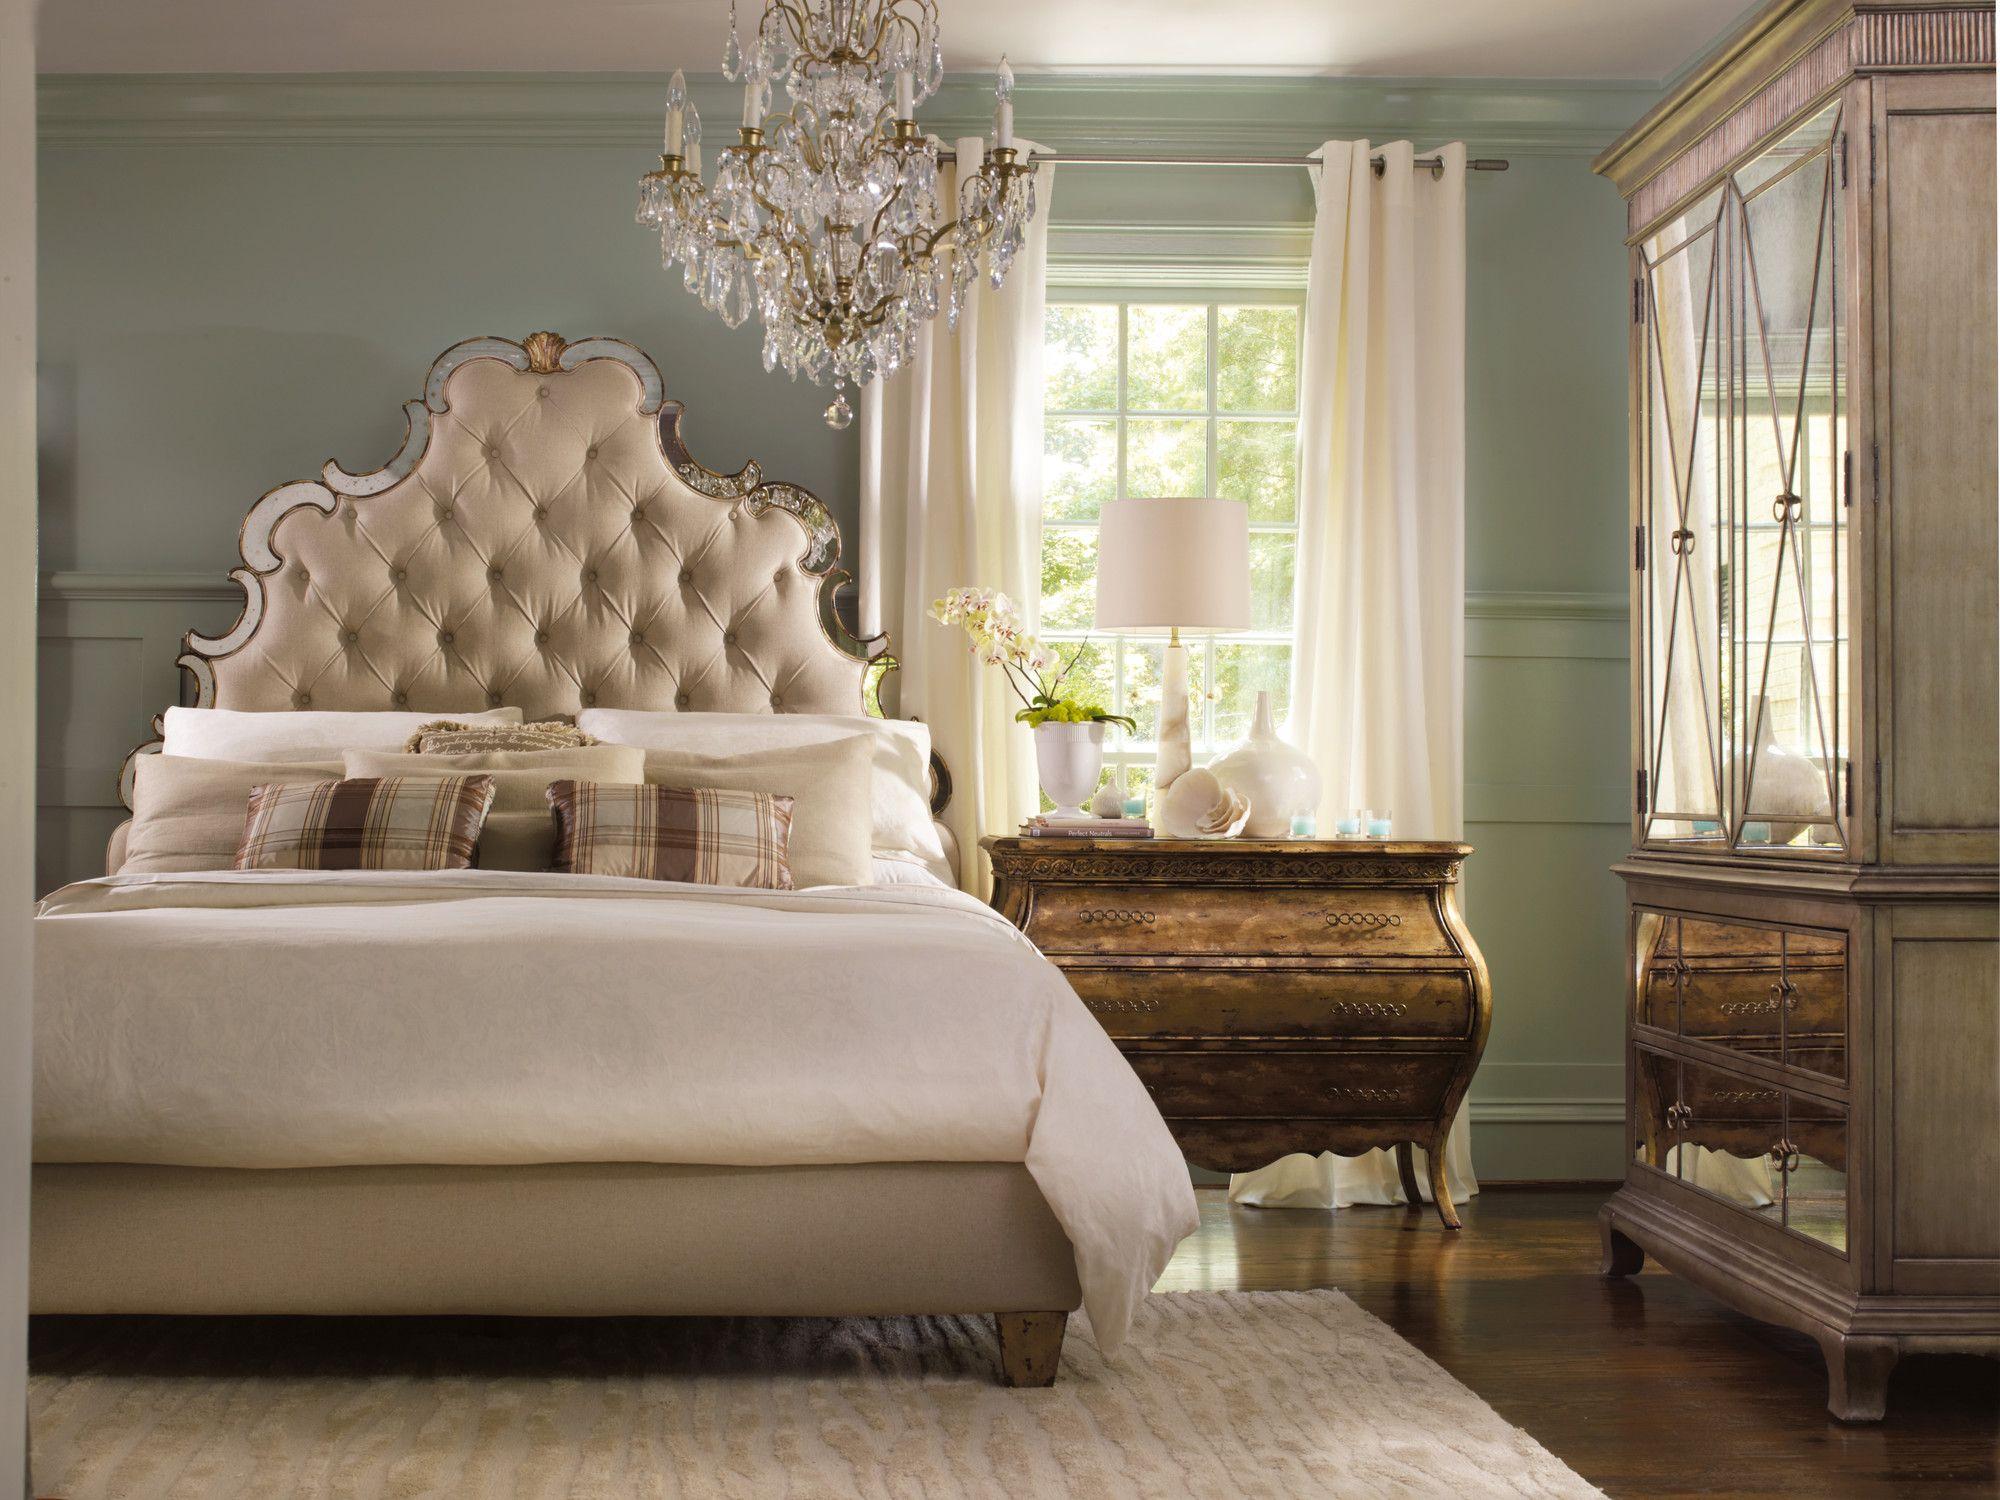 Feminine Bedroom Design Inspiration Pinterest